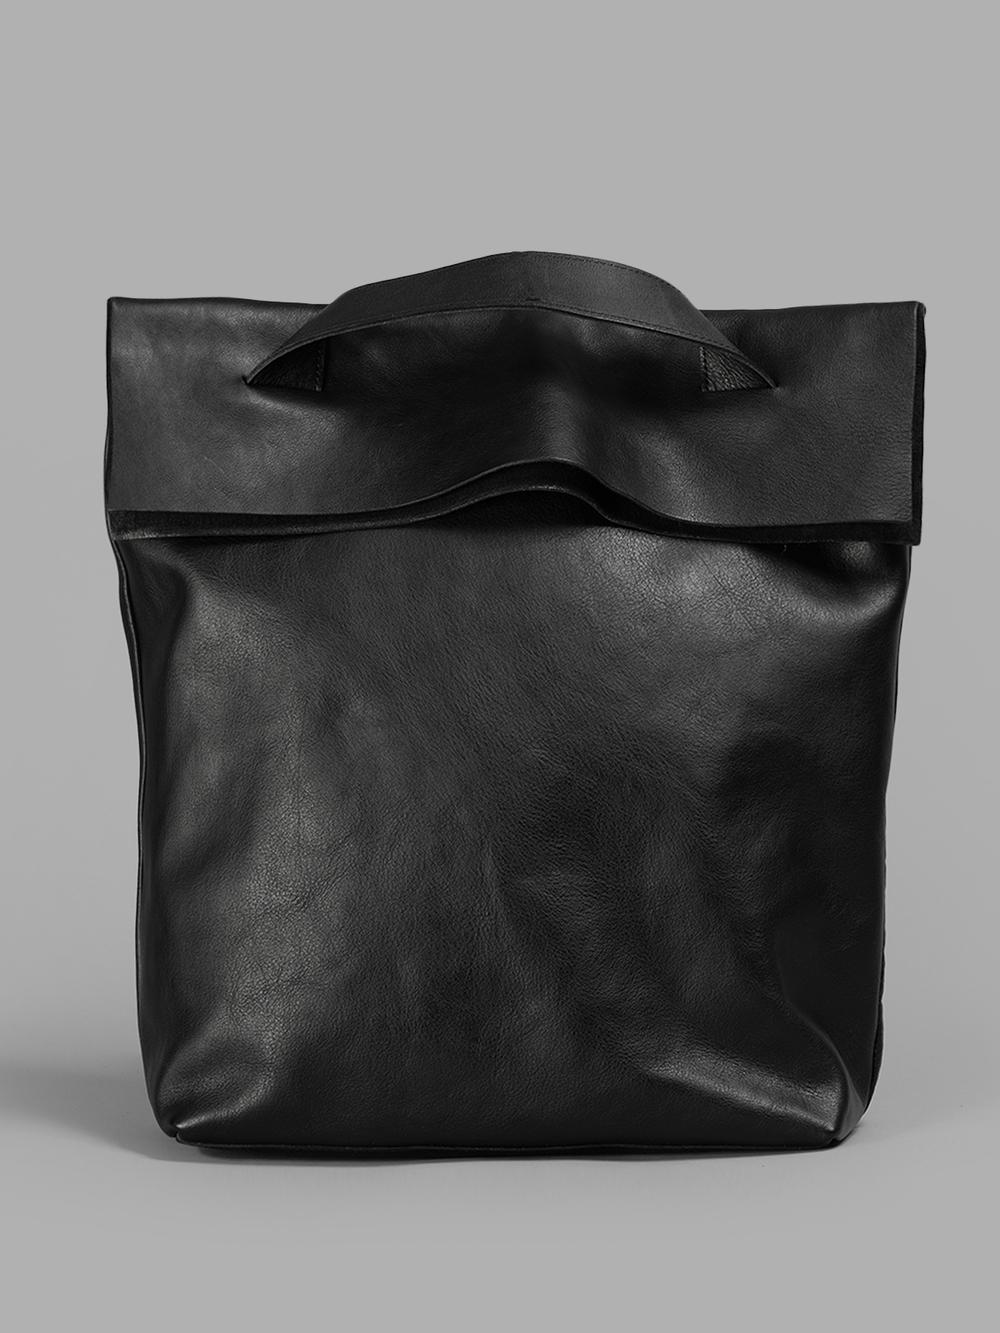 Yohji Yamamoto – Backpacks – Bolsa de moda